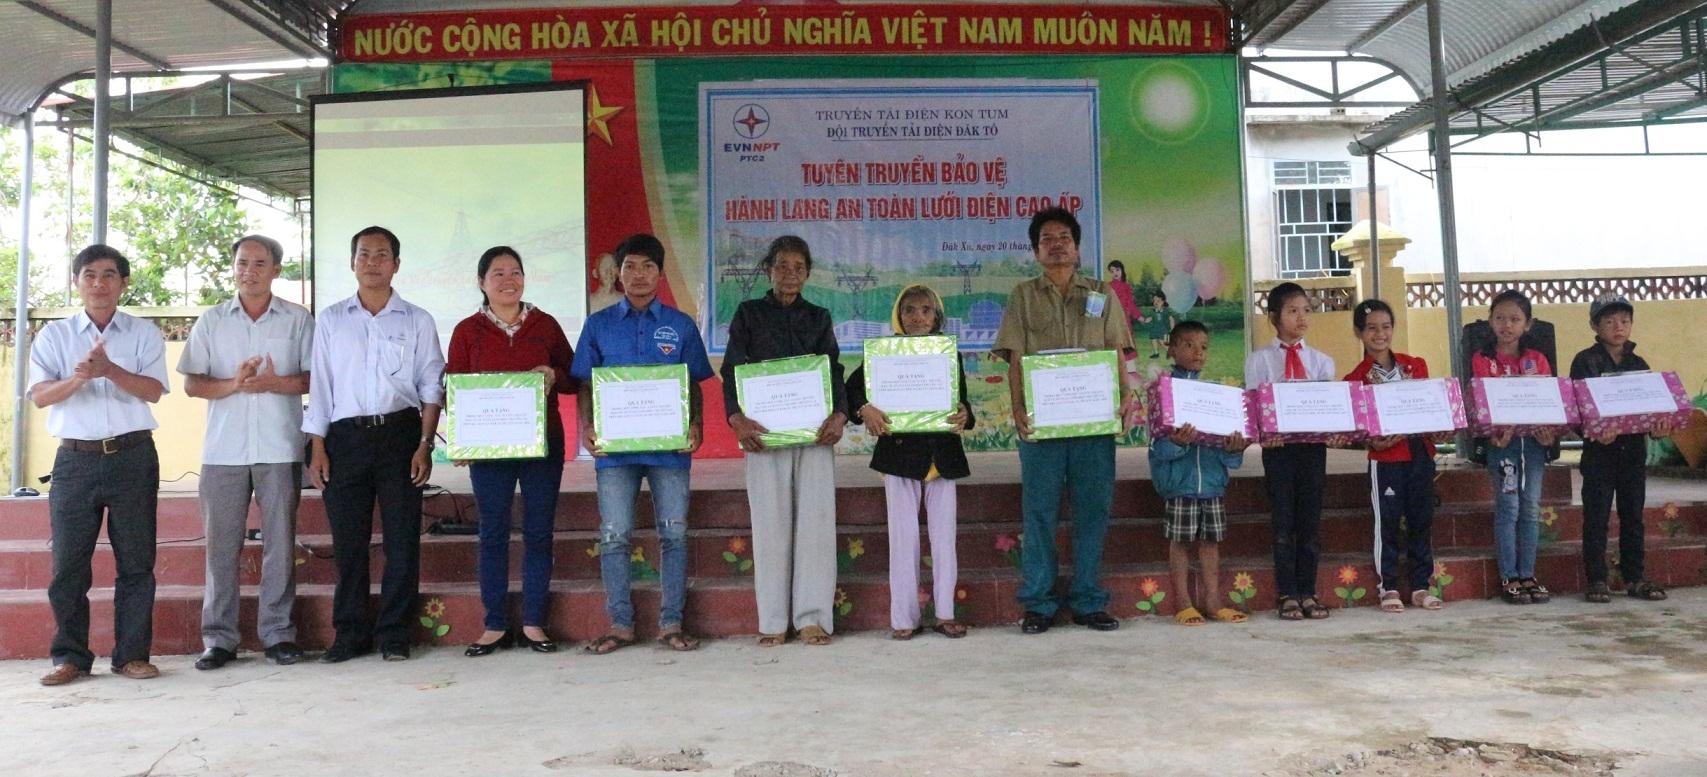 Truyền tải điện Kon Tum tuyên truyền bảo vệ an toàn lưới điện 2